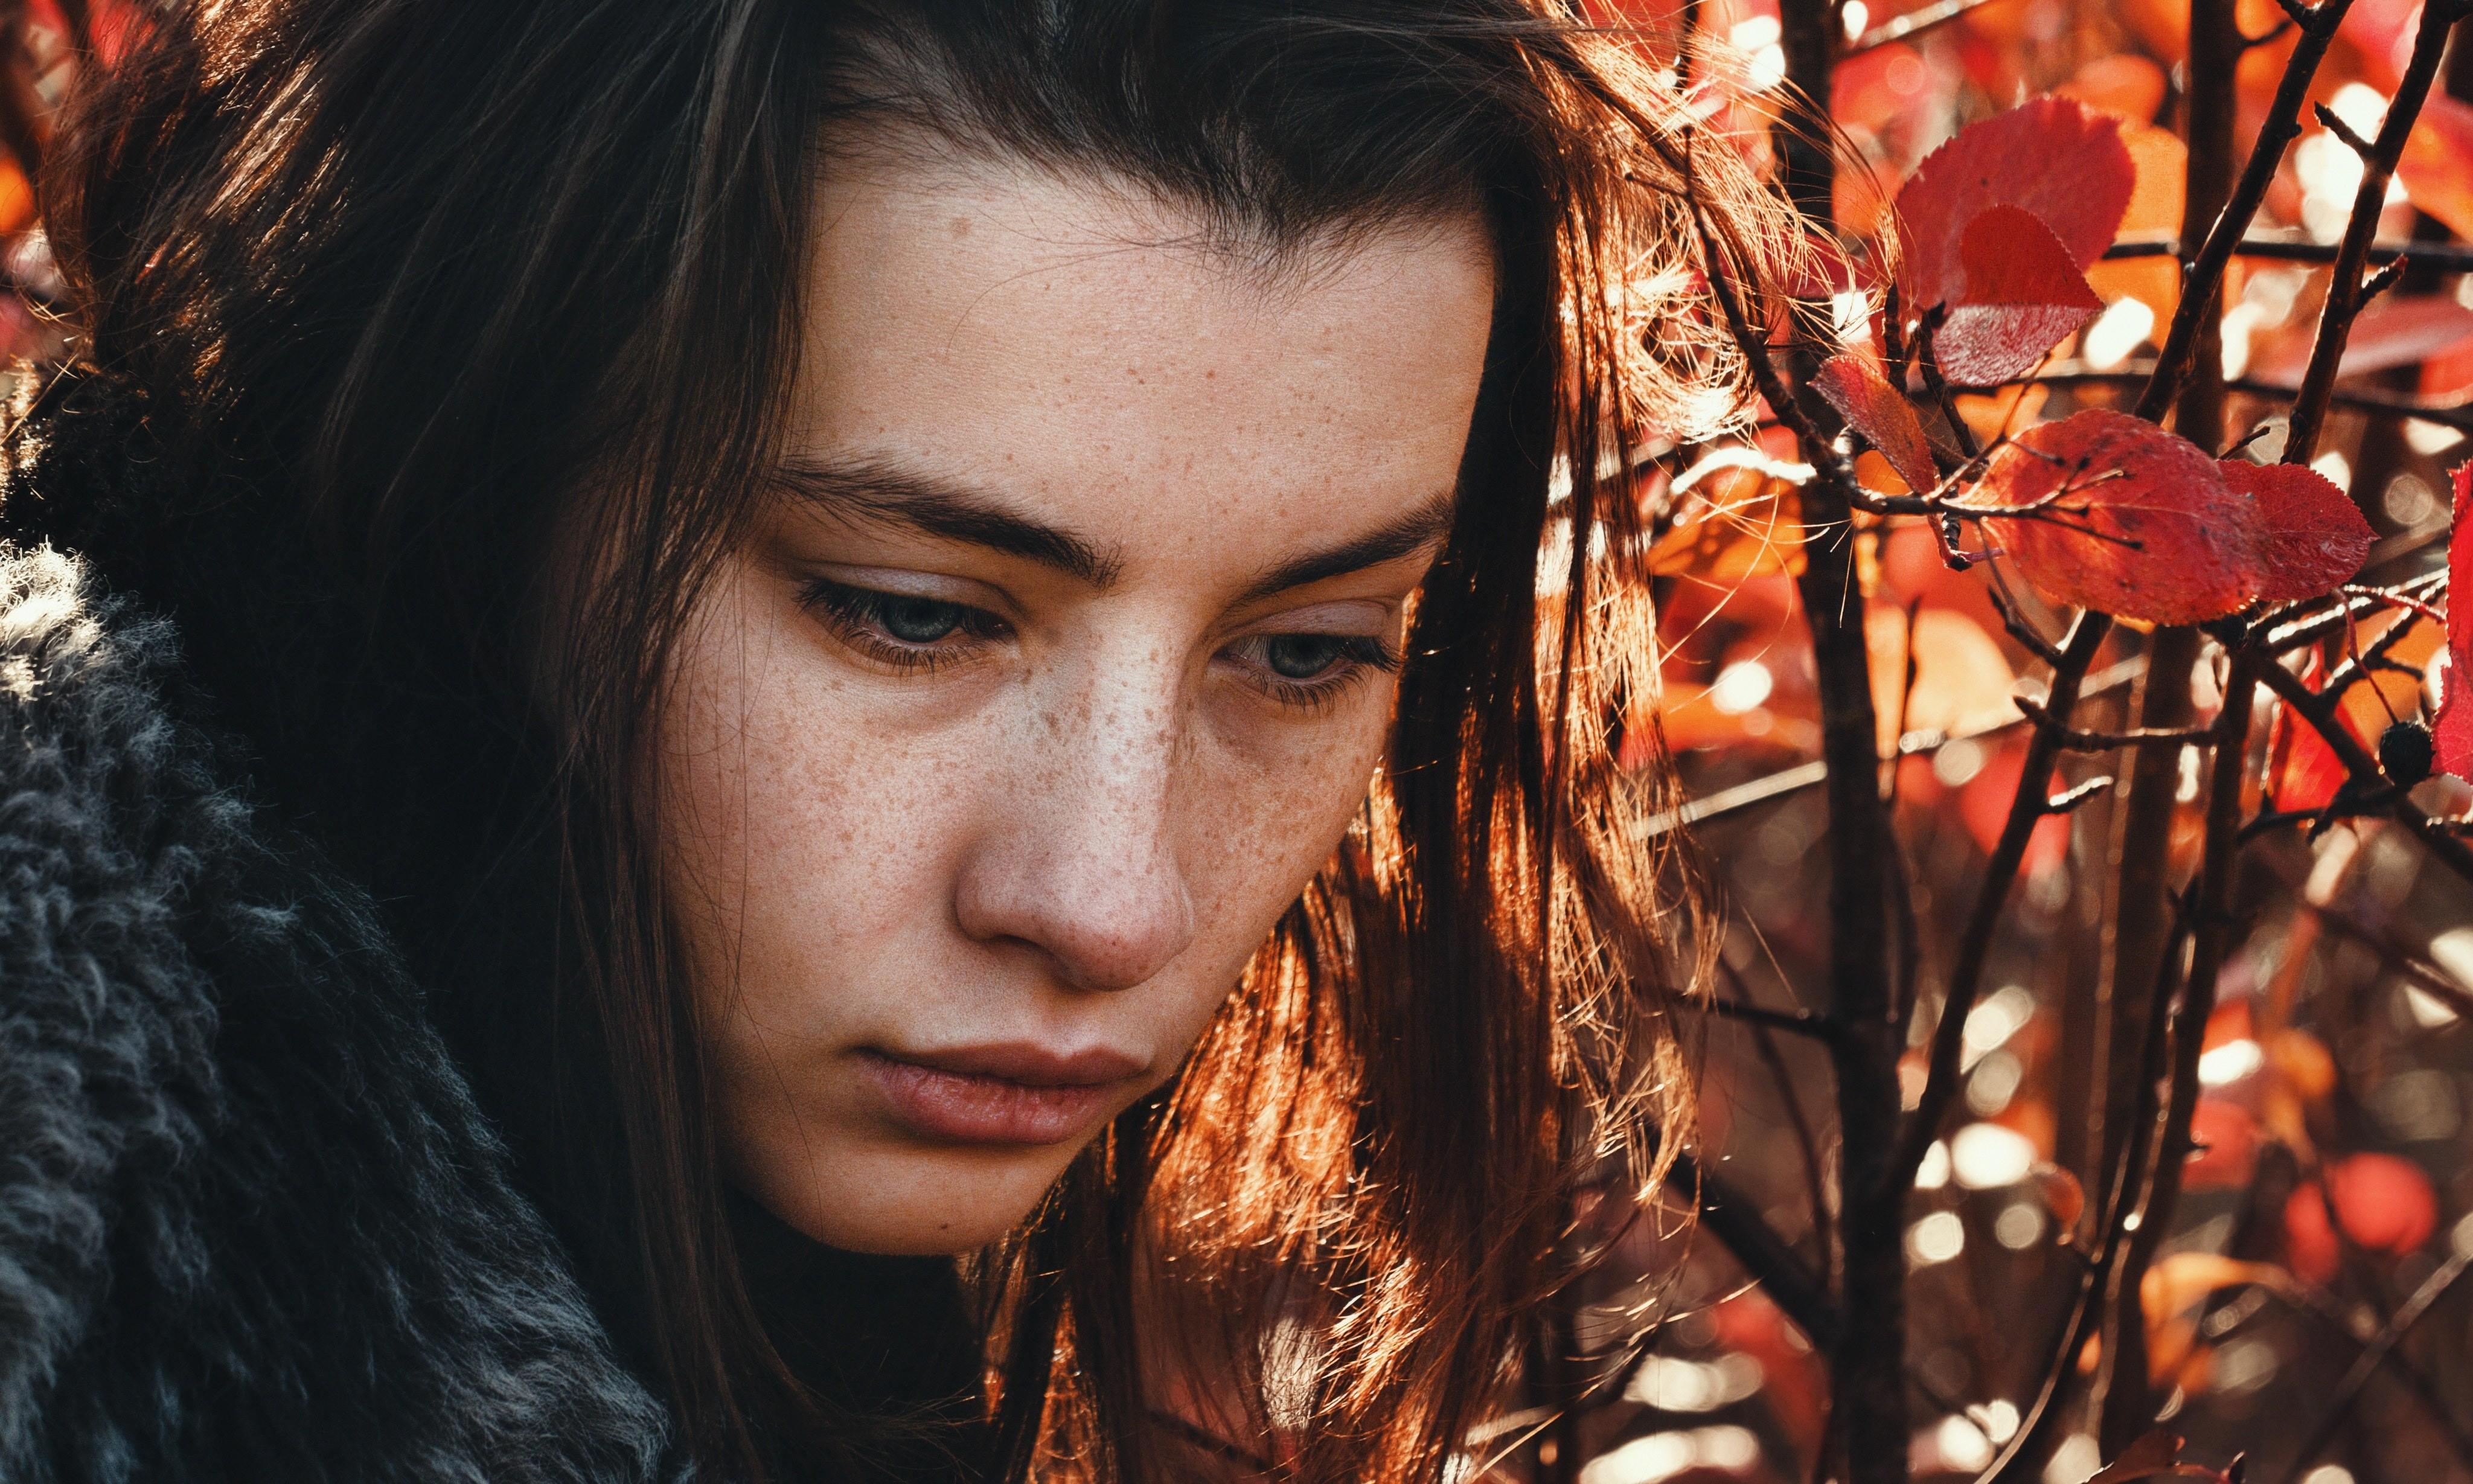 Витамины от выпадения волос: теория и практика